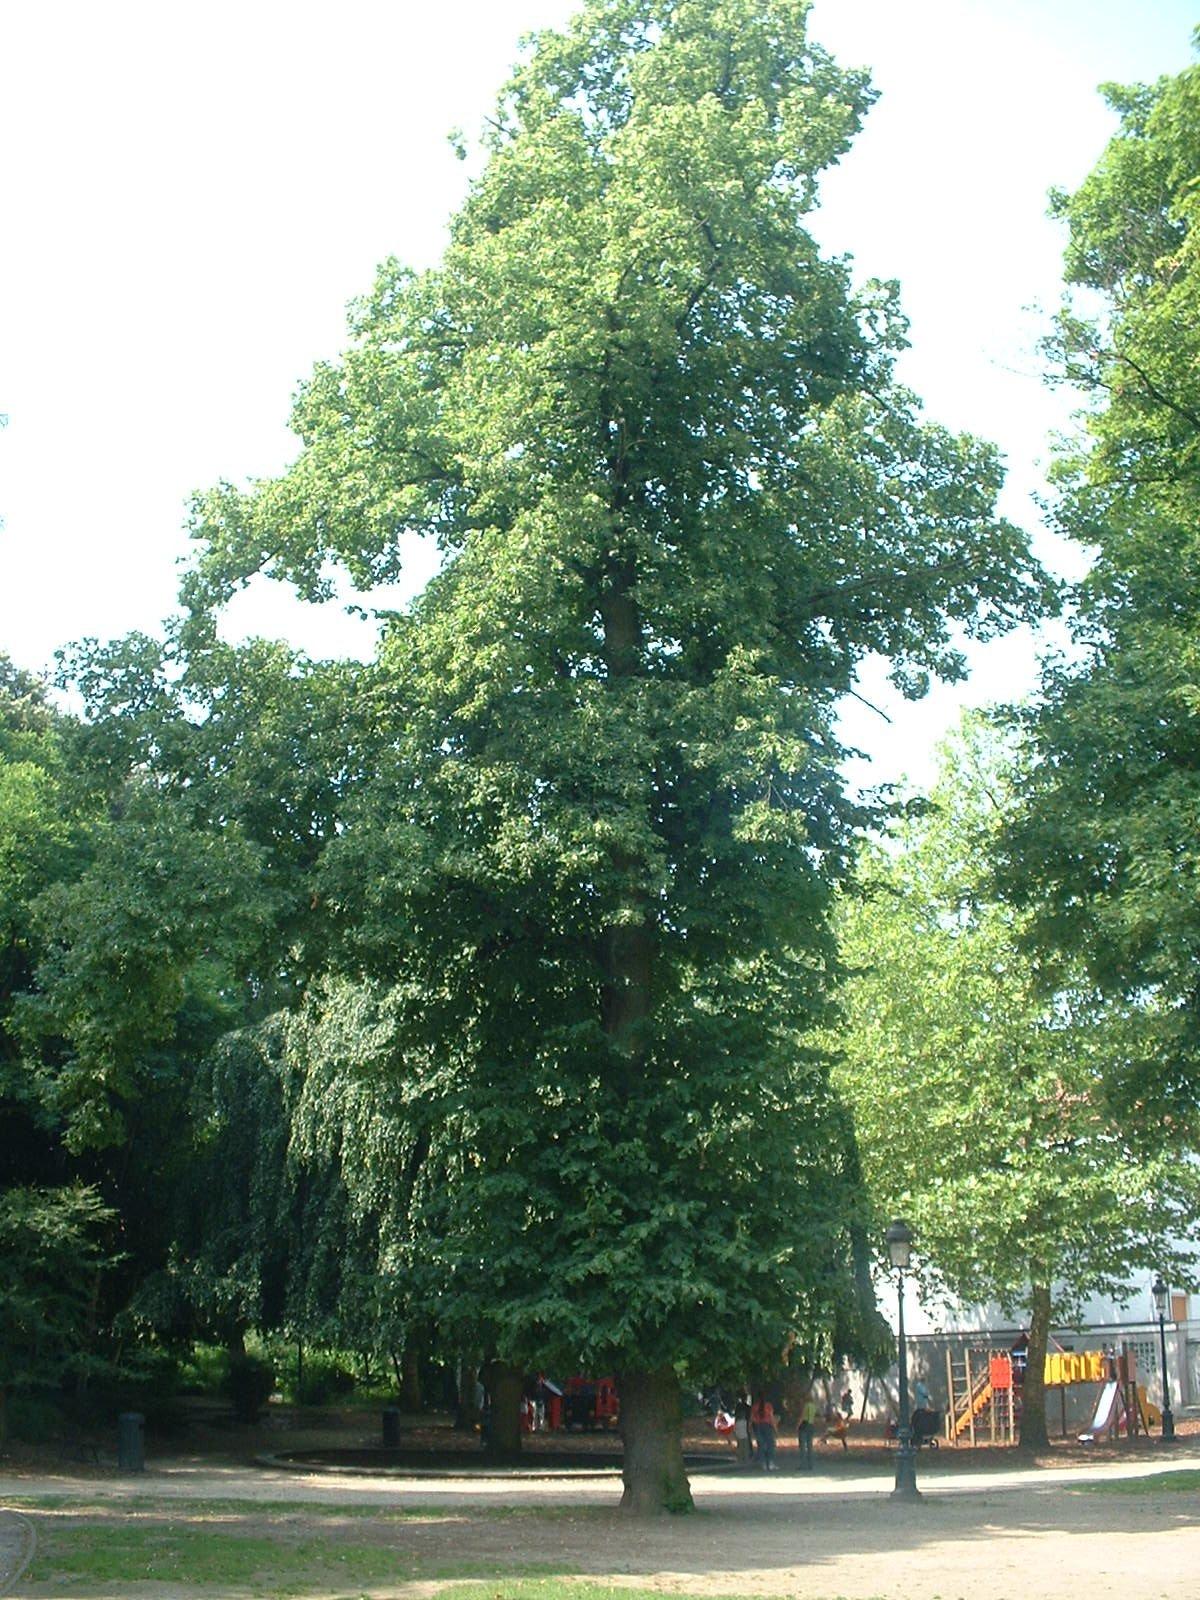 Zomerlinde – Jette, Garcetpark, parc –  13 Juli 2005